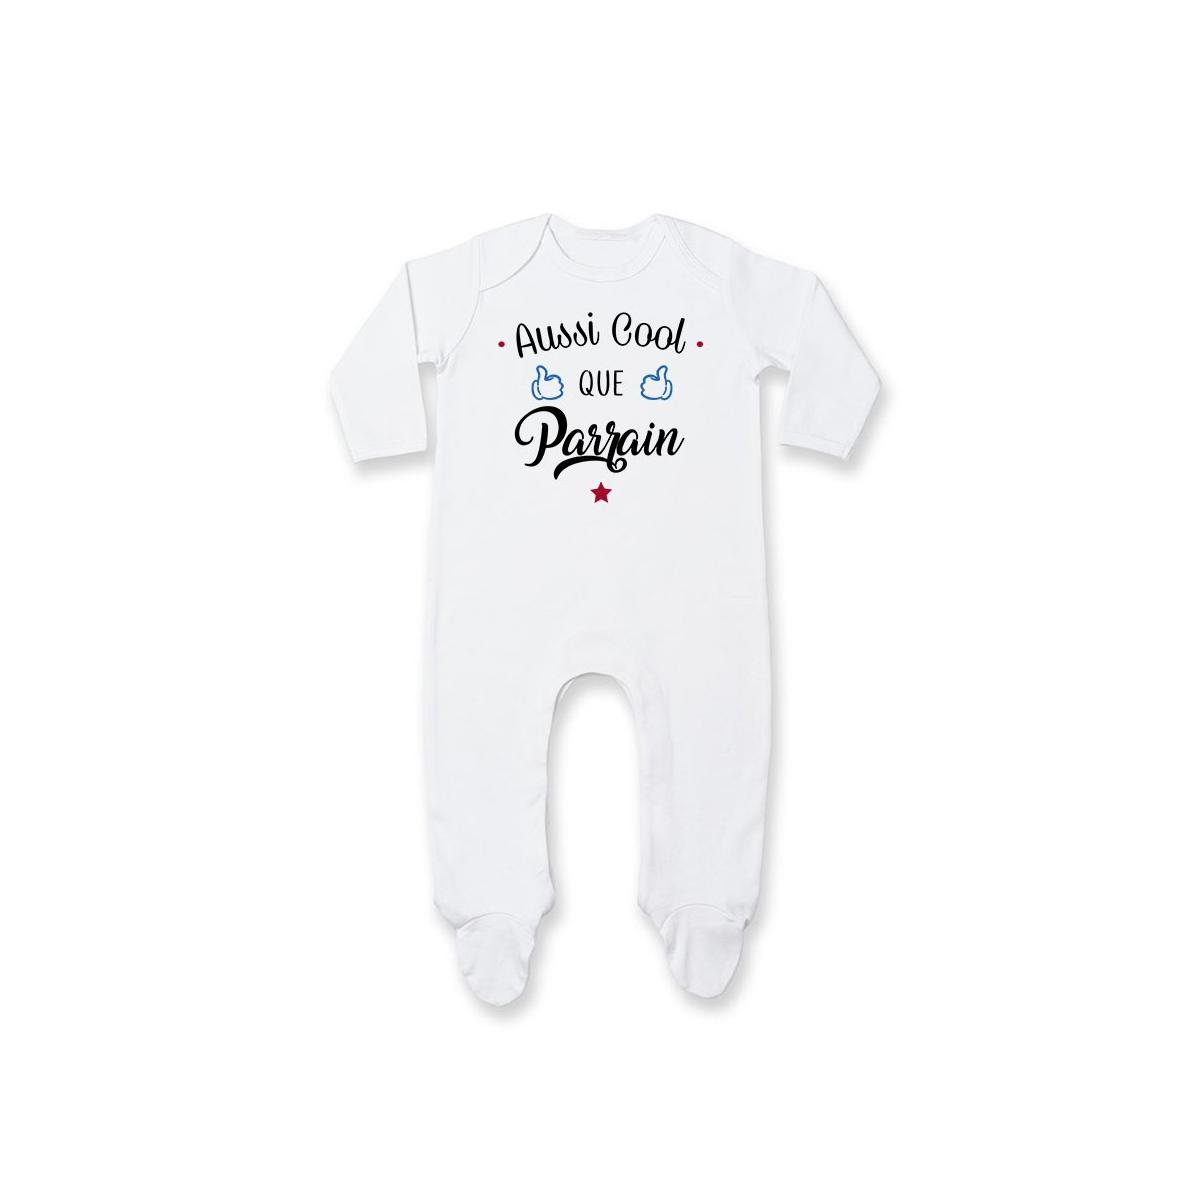 Pyjama bébé Aussi cool que parrain